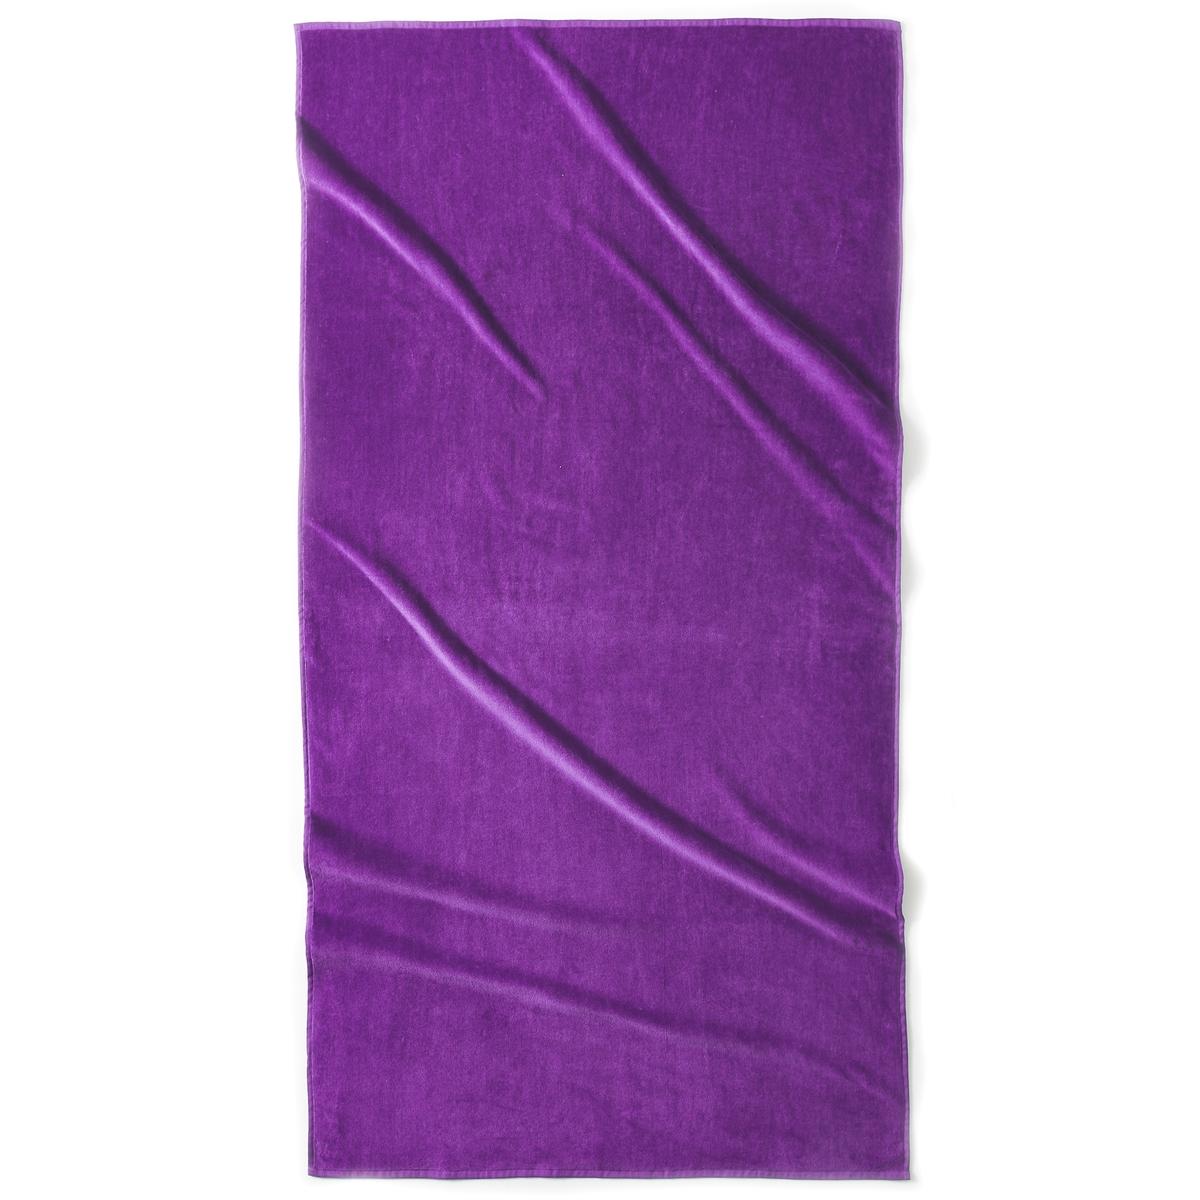 Полотенце пляжное ESTORIL полотенца пляжные toalla полотенце пляжное сolor 90 170 цв мультиколор